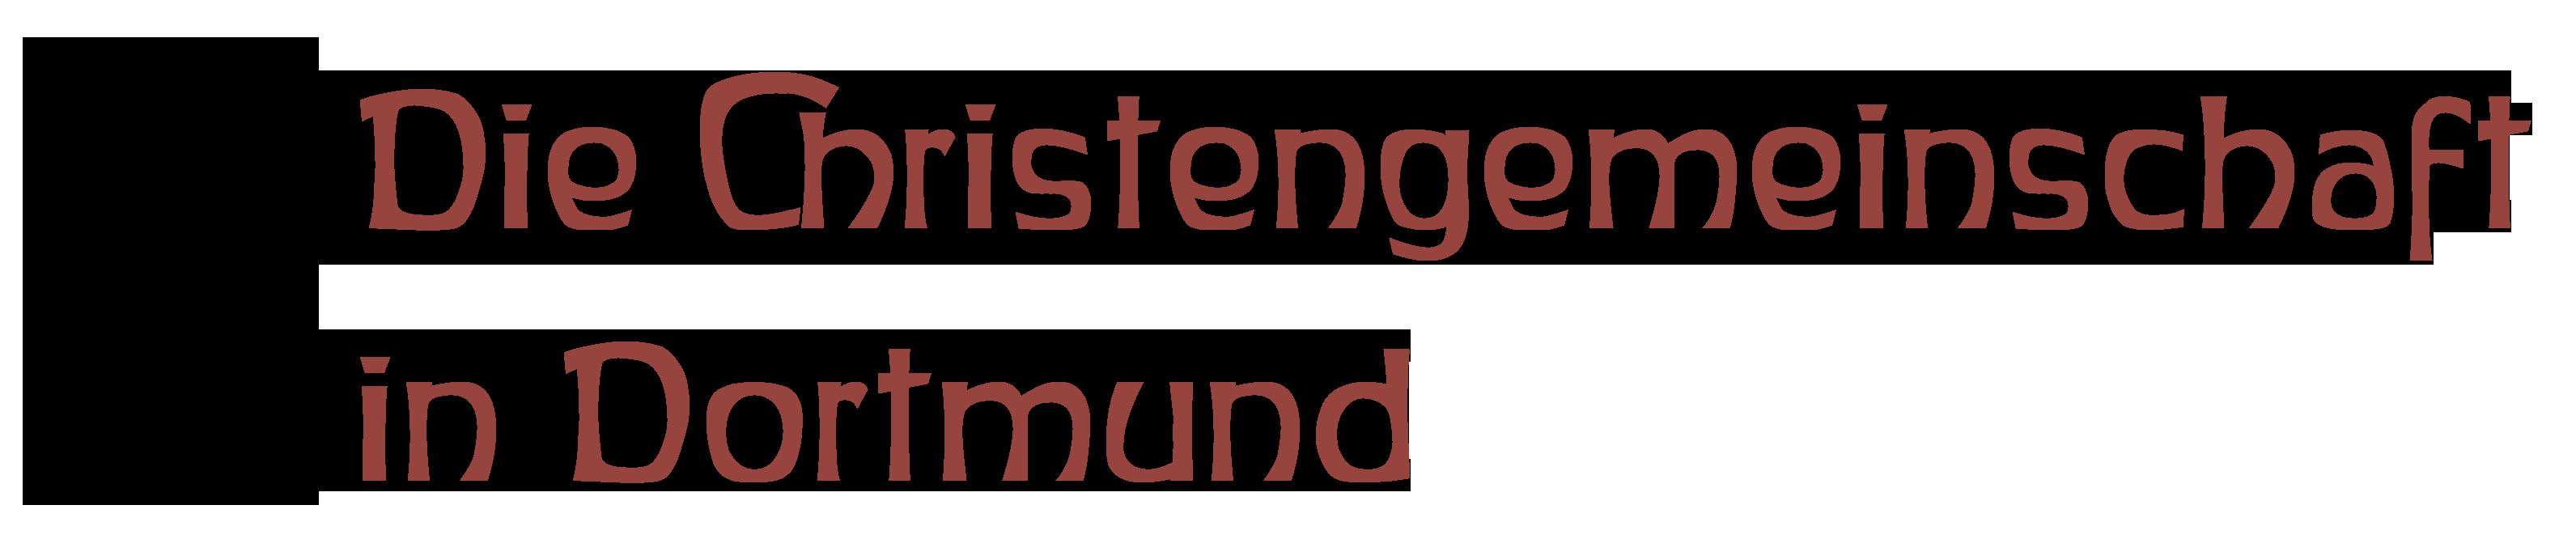 Die Christengemeinschaft in Dortmund